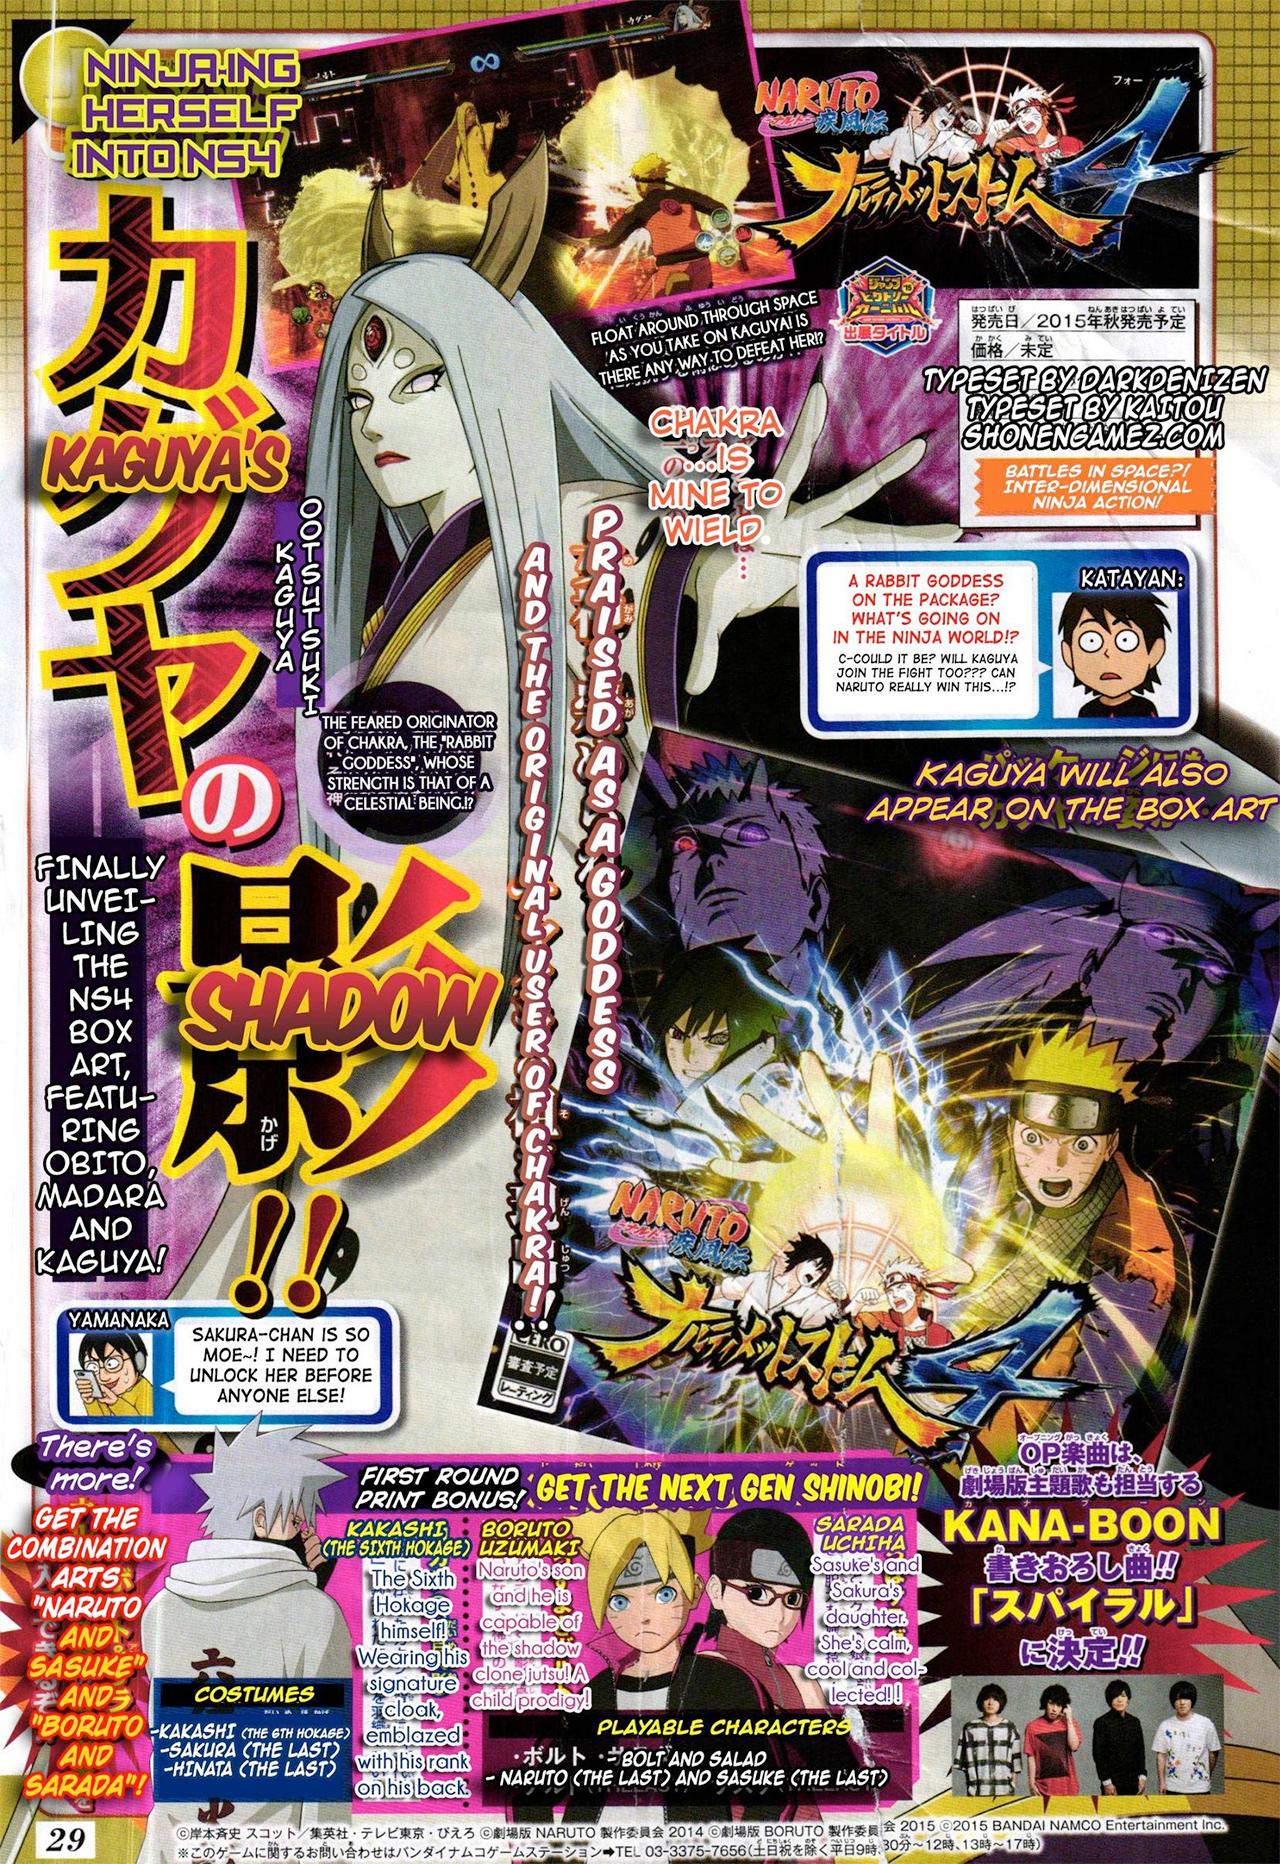 naruto-ultimate-ninja-storm-4-kaguya-boruto-sarada